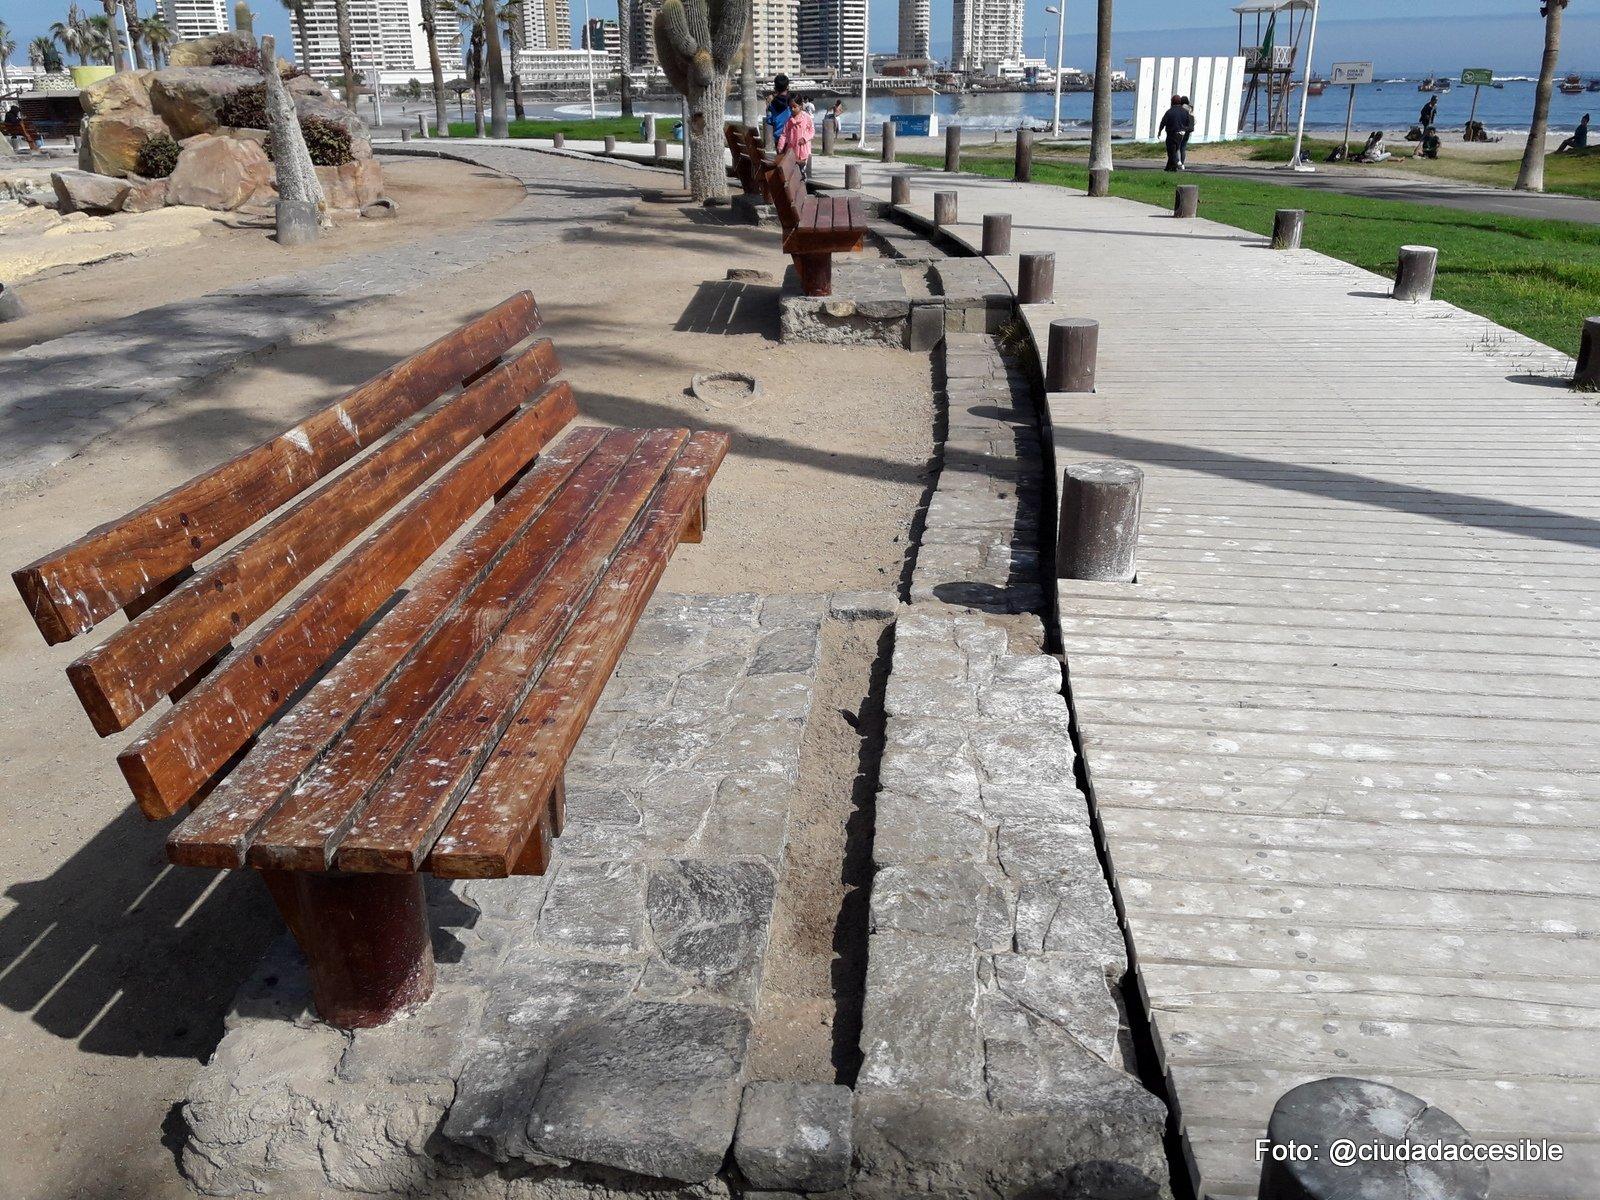 asiento a un costado del deck de madera desconectado de la ruta